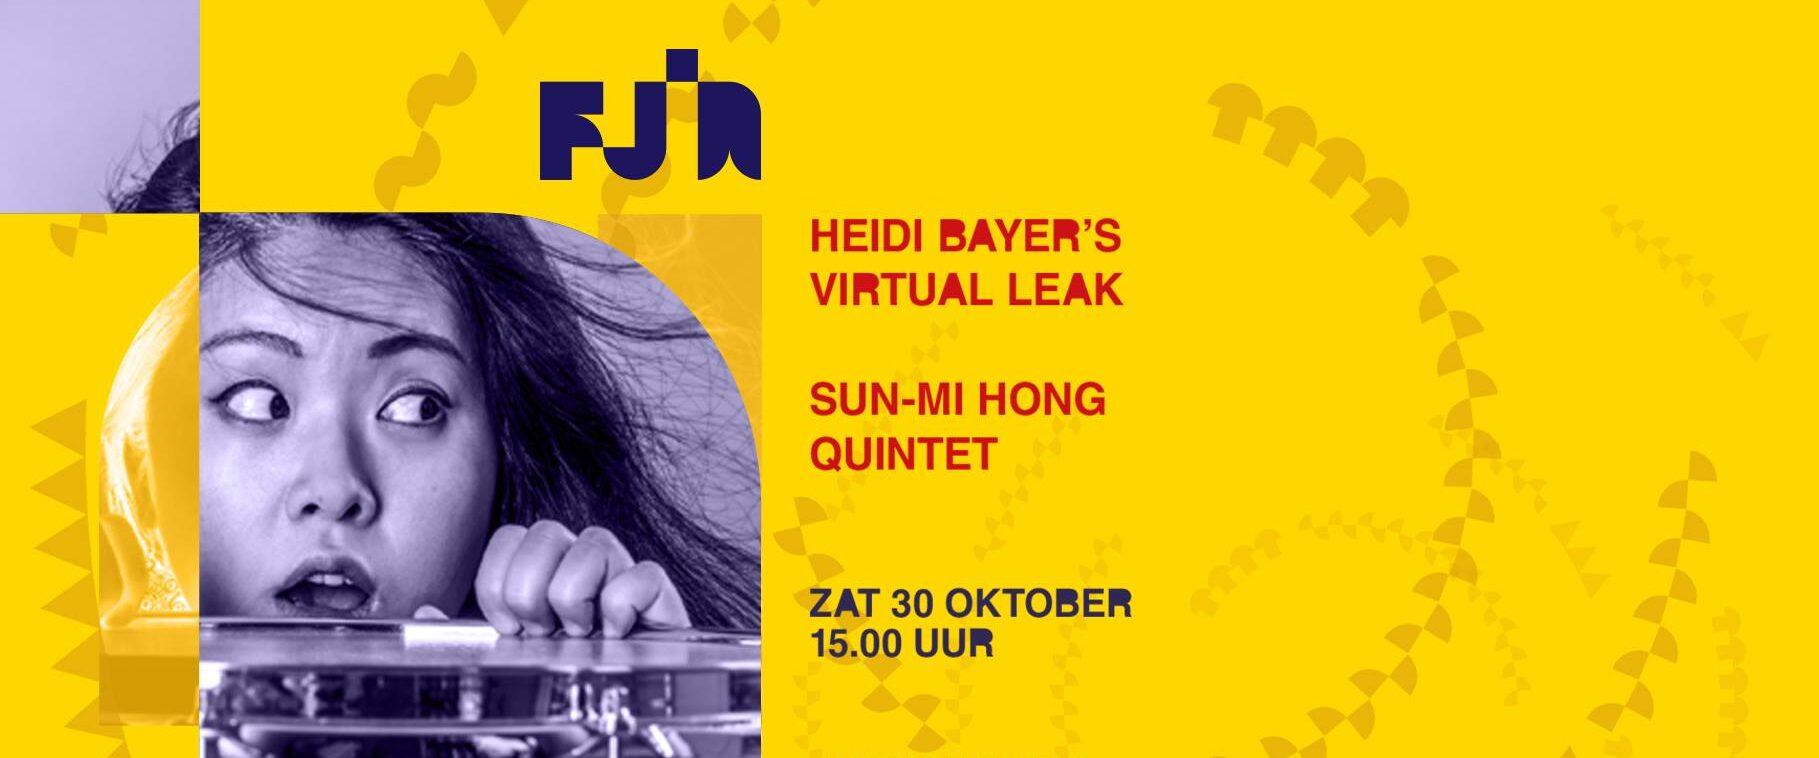 FJIN 2021 • Heidi Bayer • Sun-Mi Hong Quintet 2